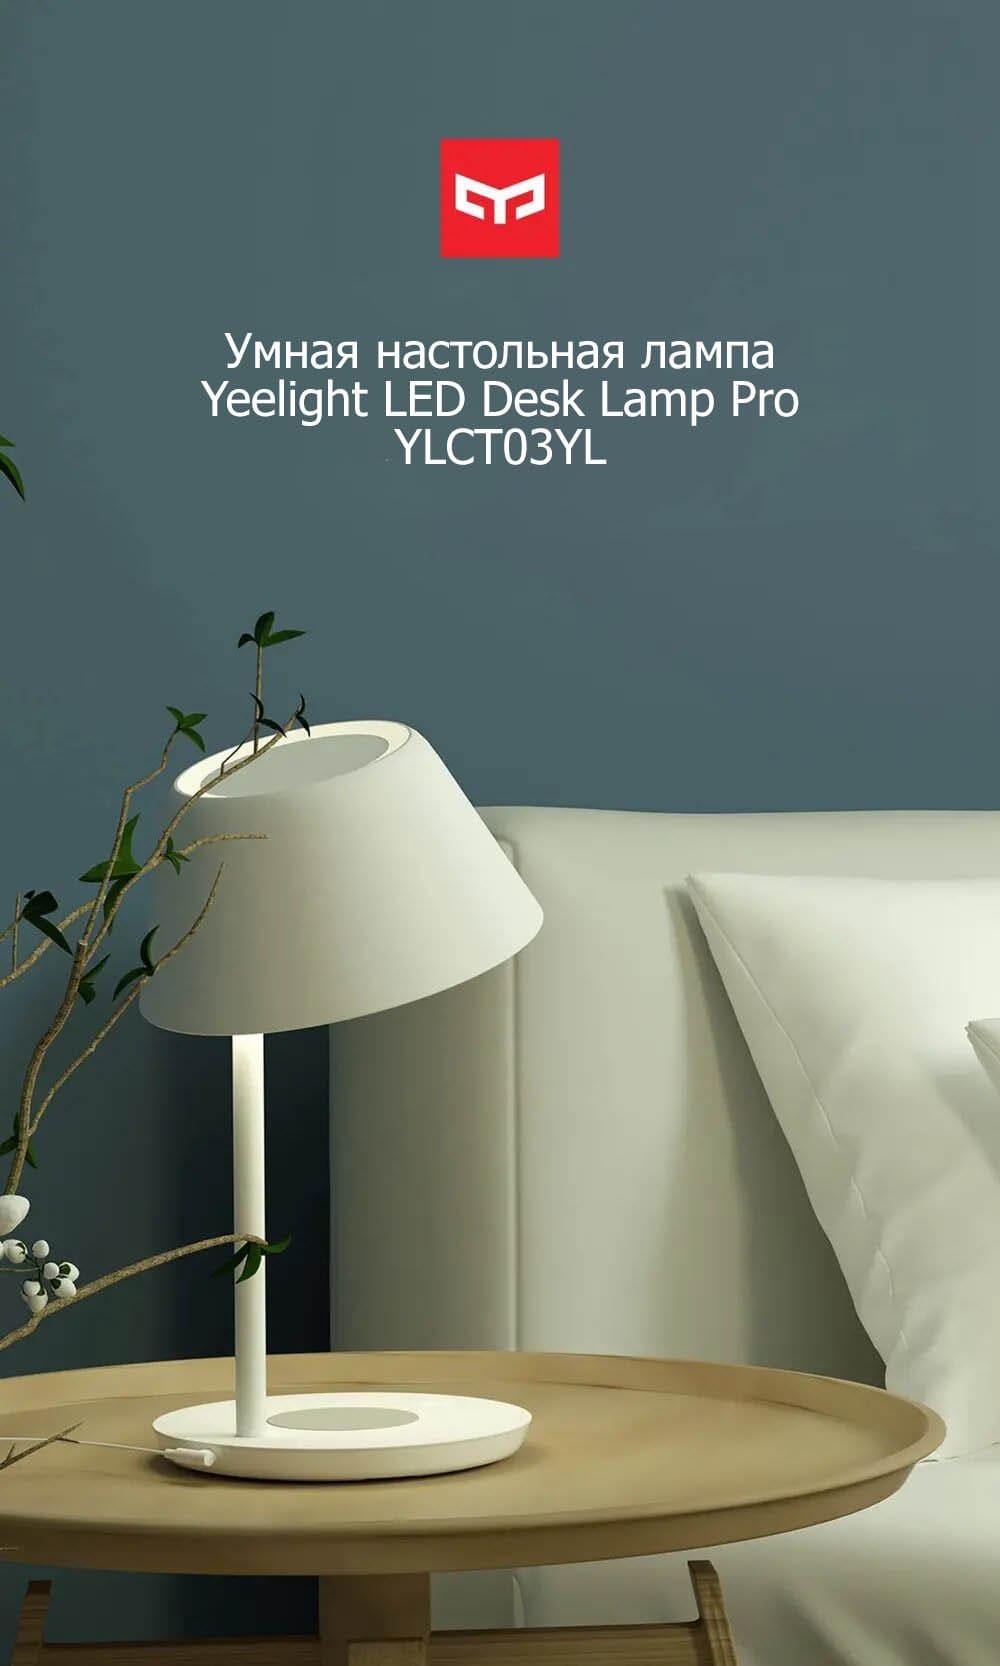 Настольная лампа с функцией беспроводной зарядки Yeelight LED Table Lamp Pro (YLCT03YL) robot4home.ru